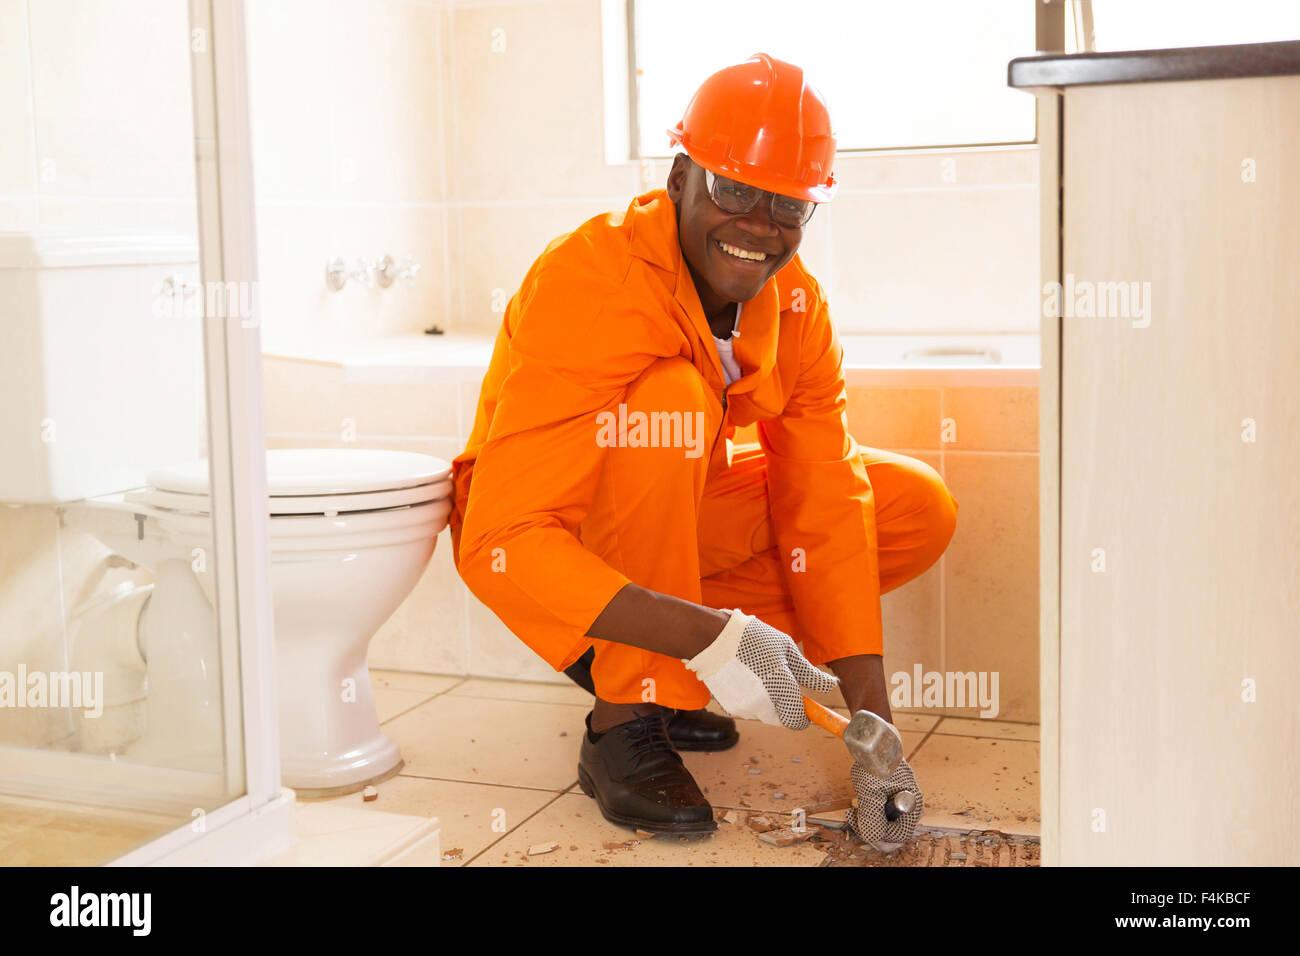 Allegro african american lavoratore edile rimozione piastrelle per